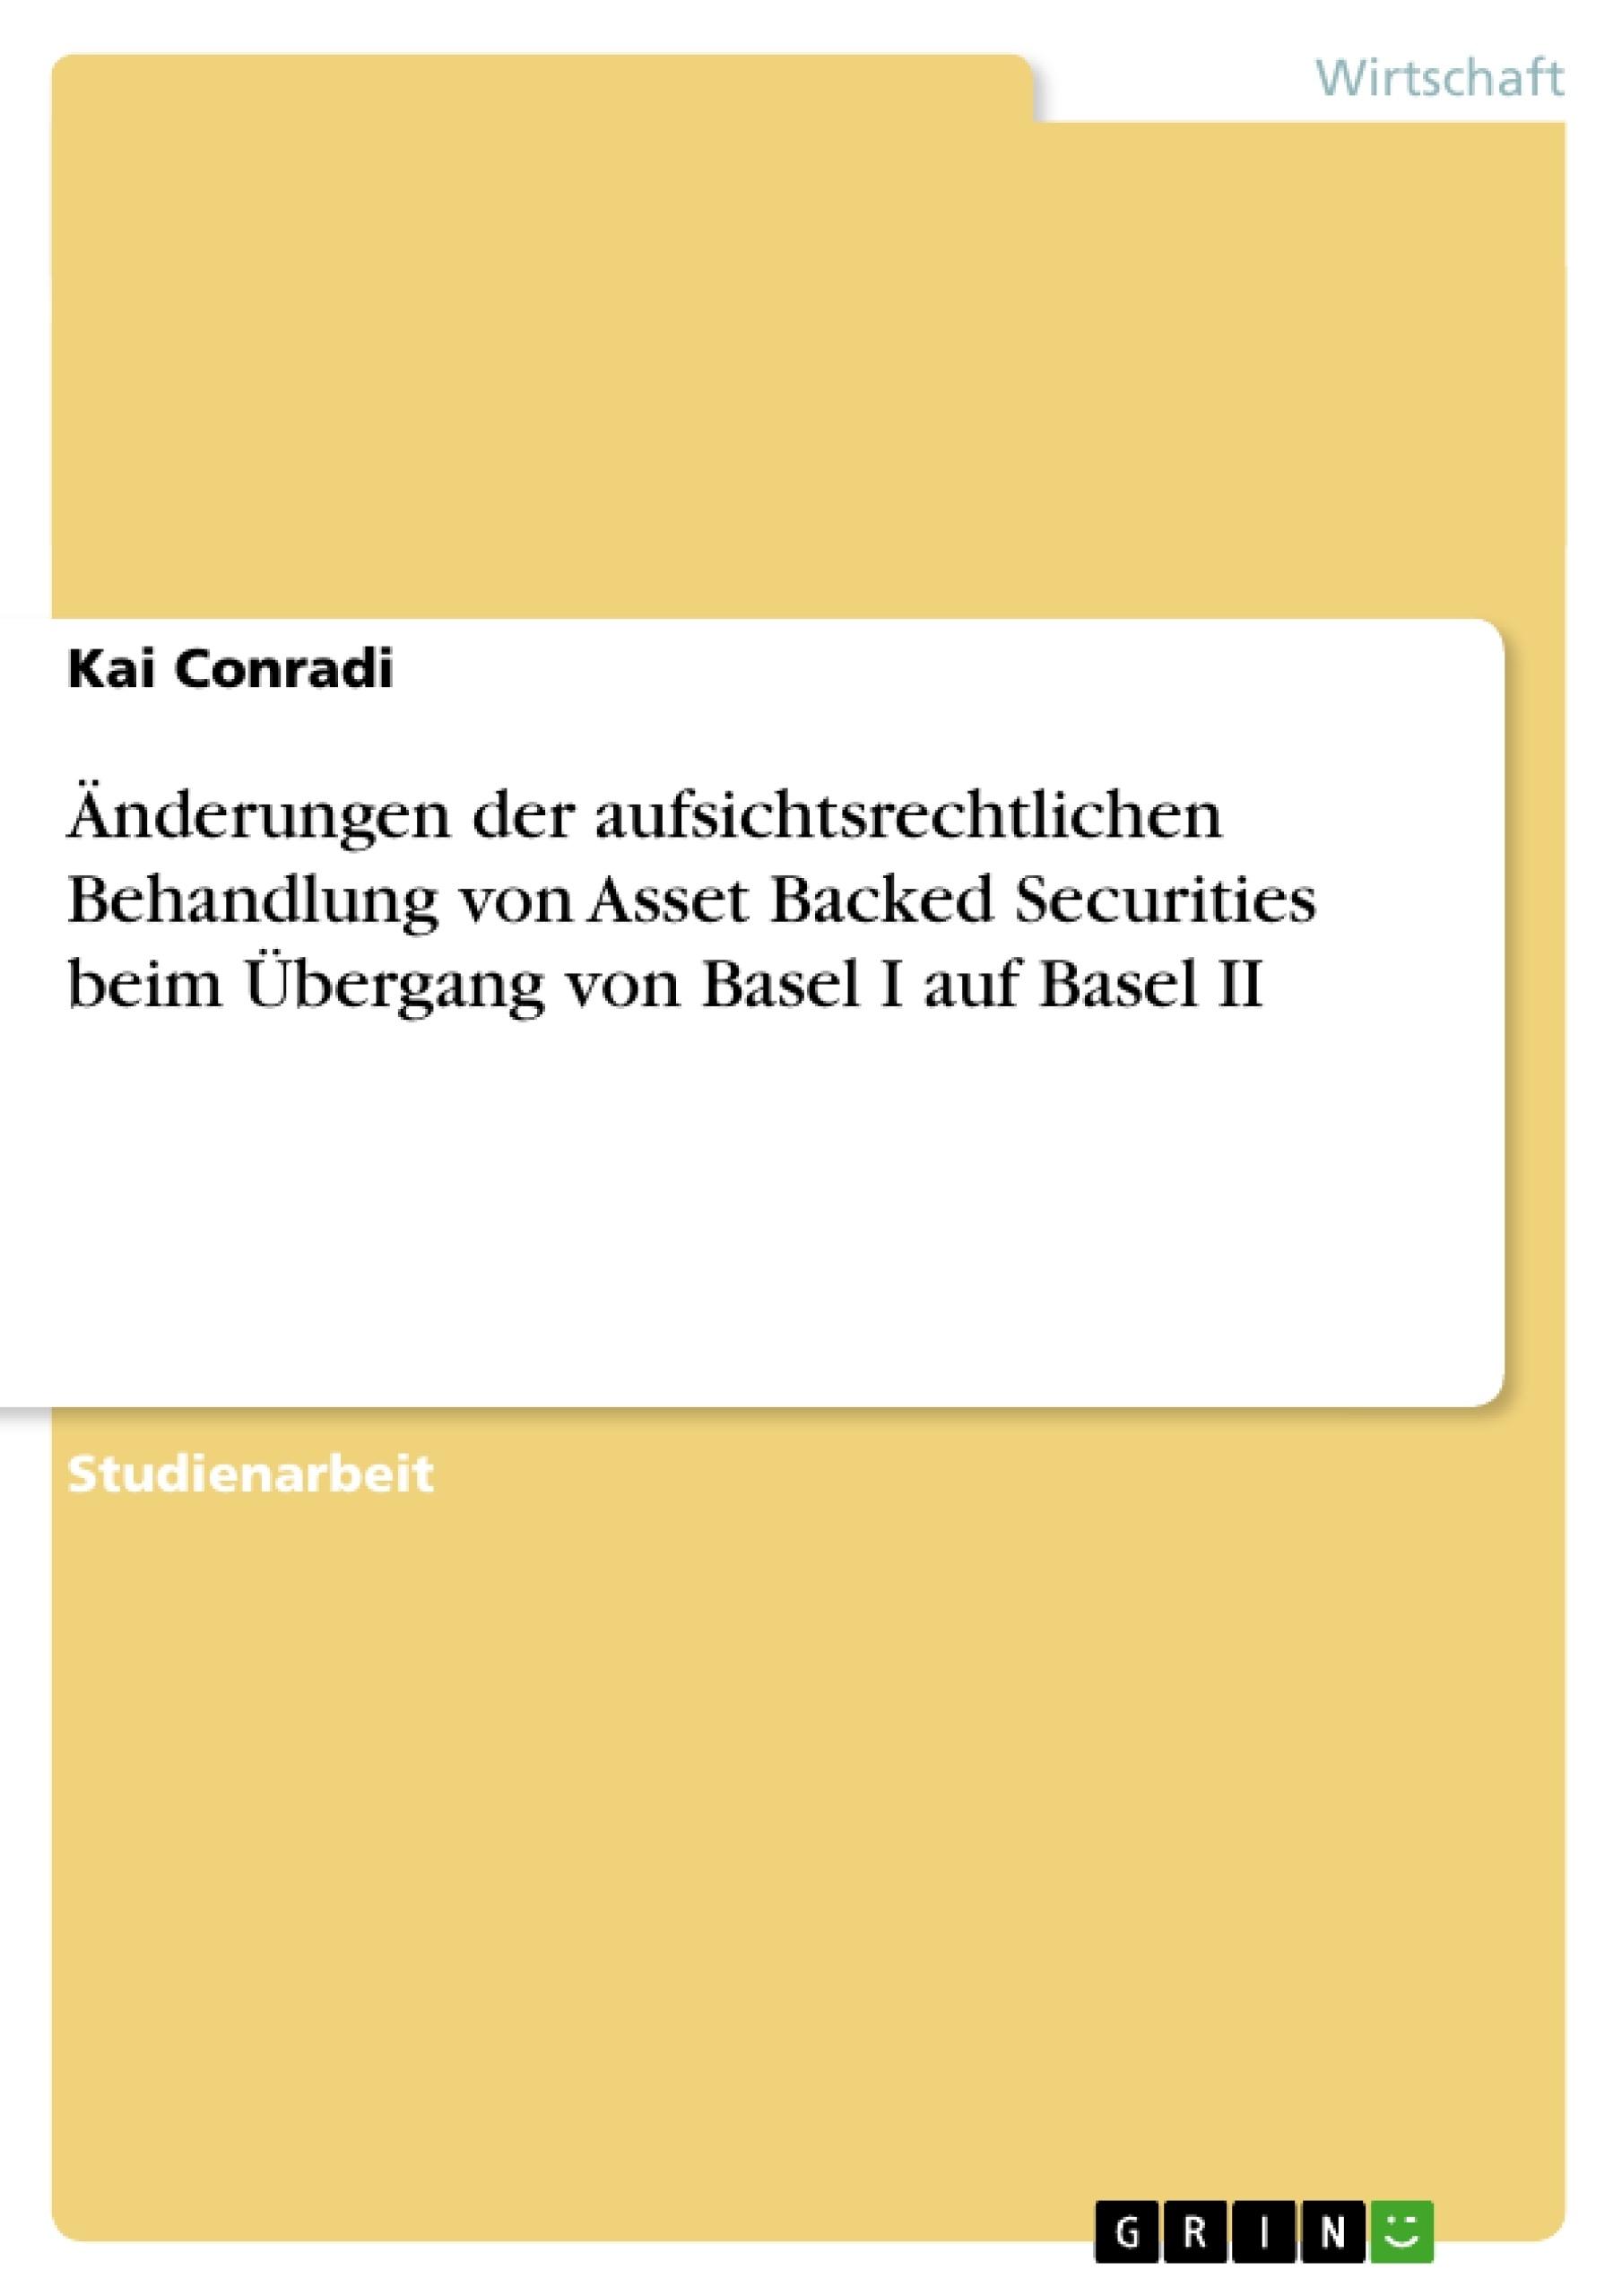 Titel: Änderungen der aufsichtsrechtlichen Behandlung von Asset Backed Securities beim Übergang von Basel I auf Basel II